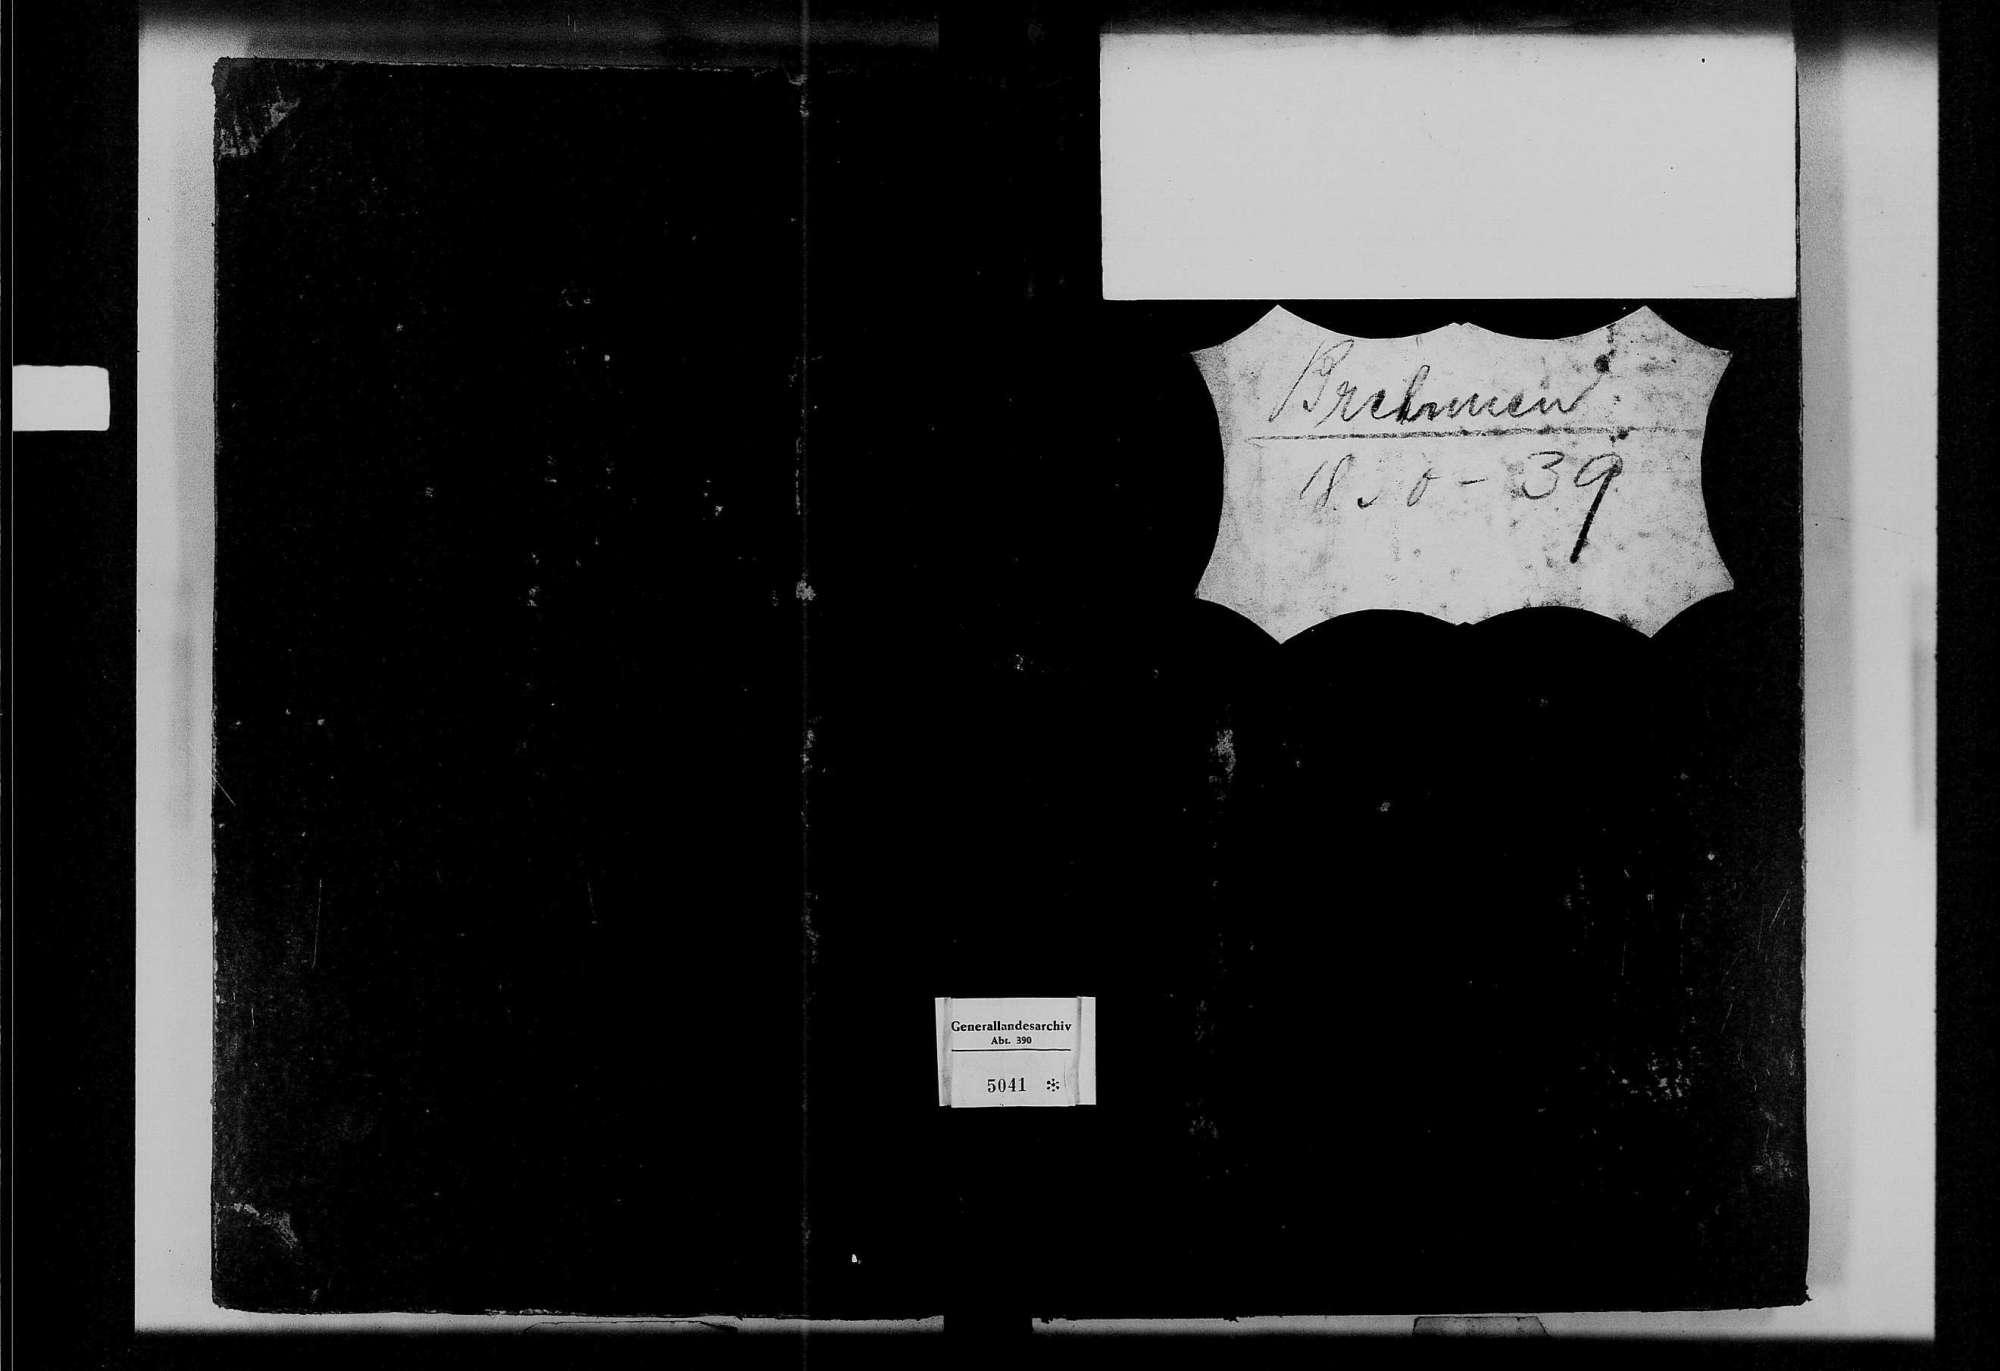 Brehmen, evangelische Gemeinde: Standesbuch 1830-1839, Bild 1